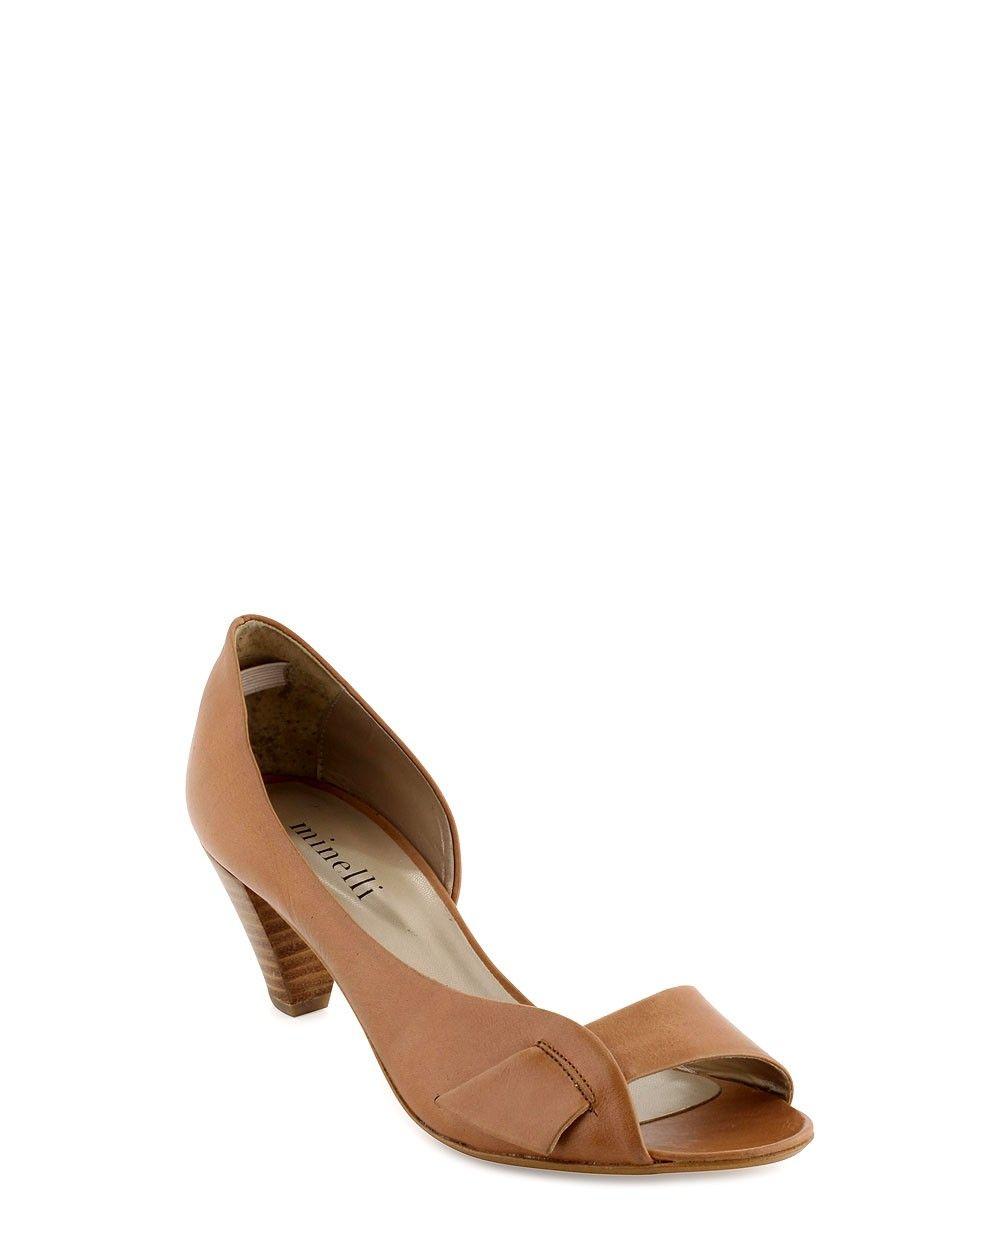 44fcb2c878515c Sandale - La Wavy version petit talon - Escarpins - Chaussures Femme  Printemps Eté